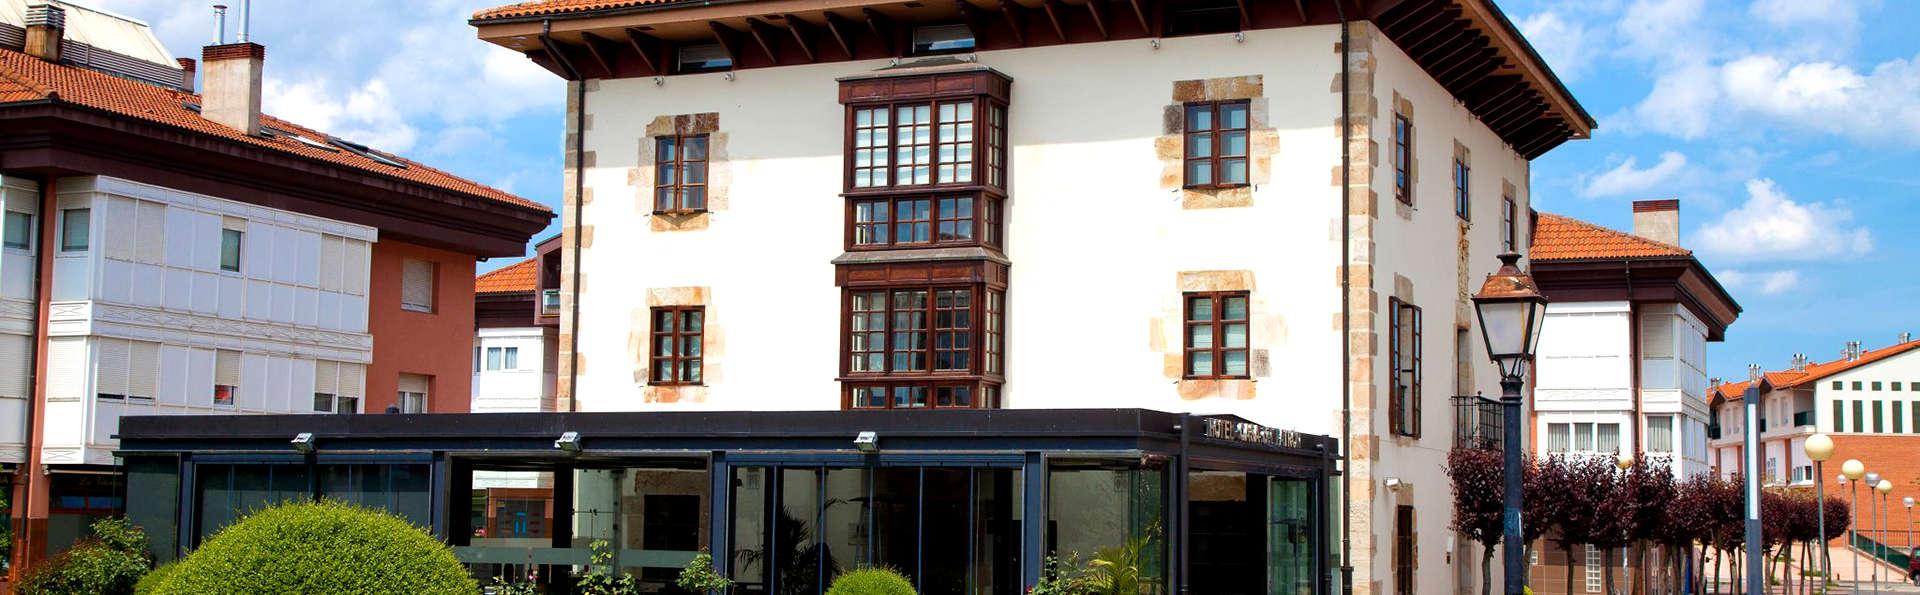 La Casa del Patrón - Edit_Front3.jpg